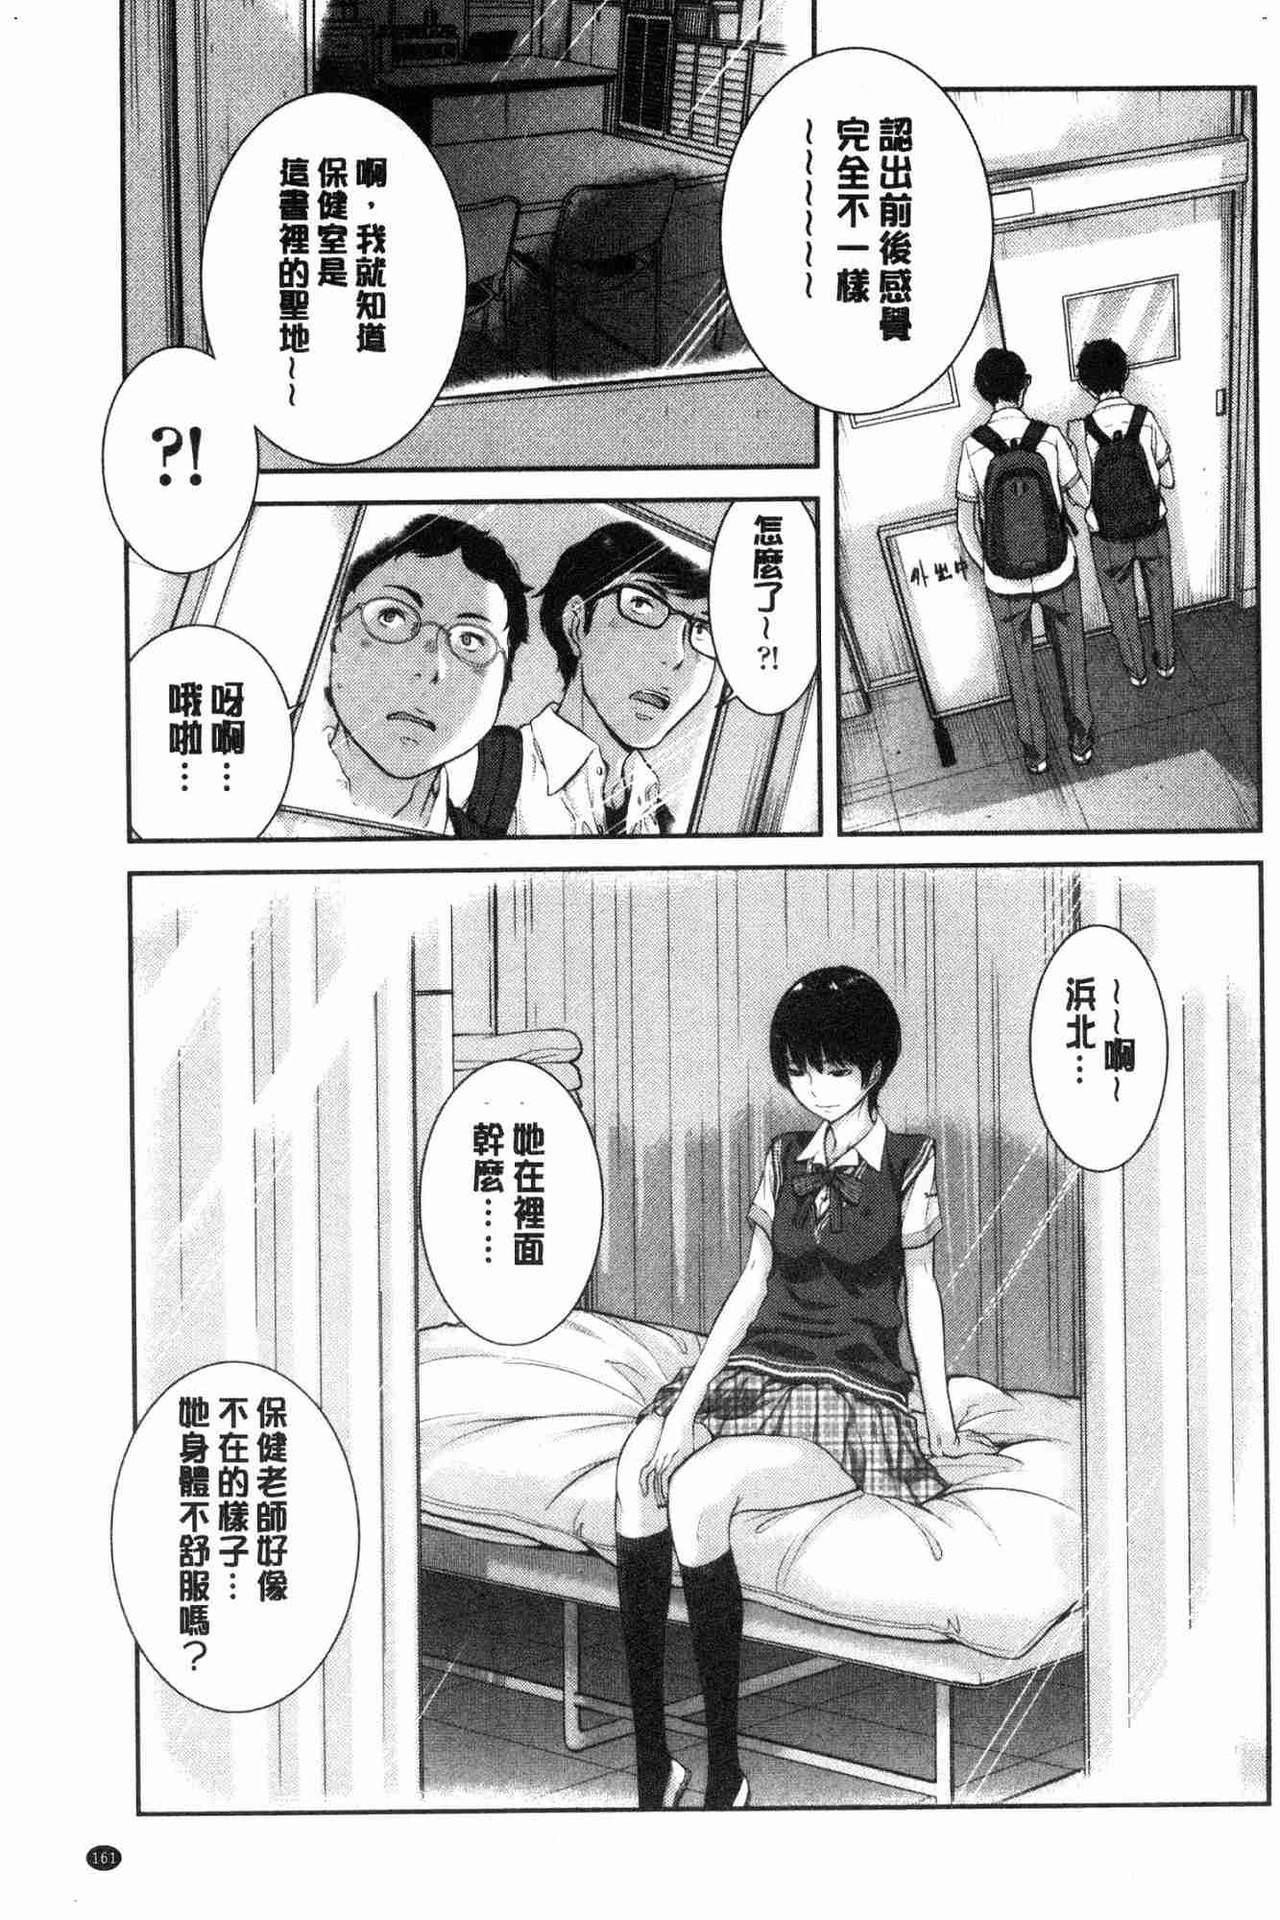 [Harazaki Takuma] Seifuku Shijou Shugi -Natsu- - Uniforms supremacy [Chinese] 161